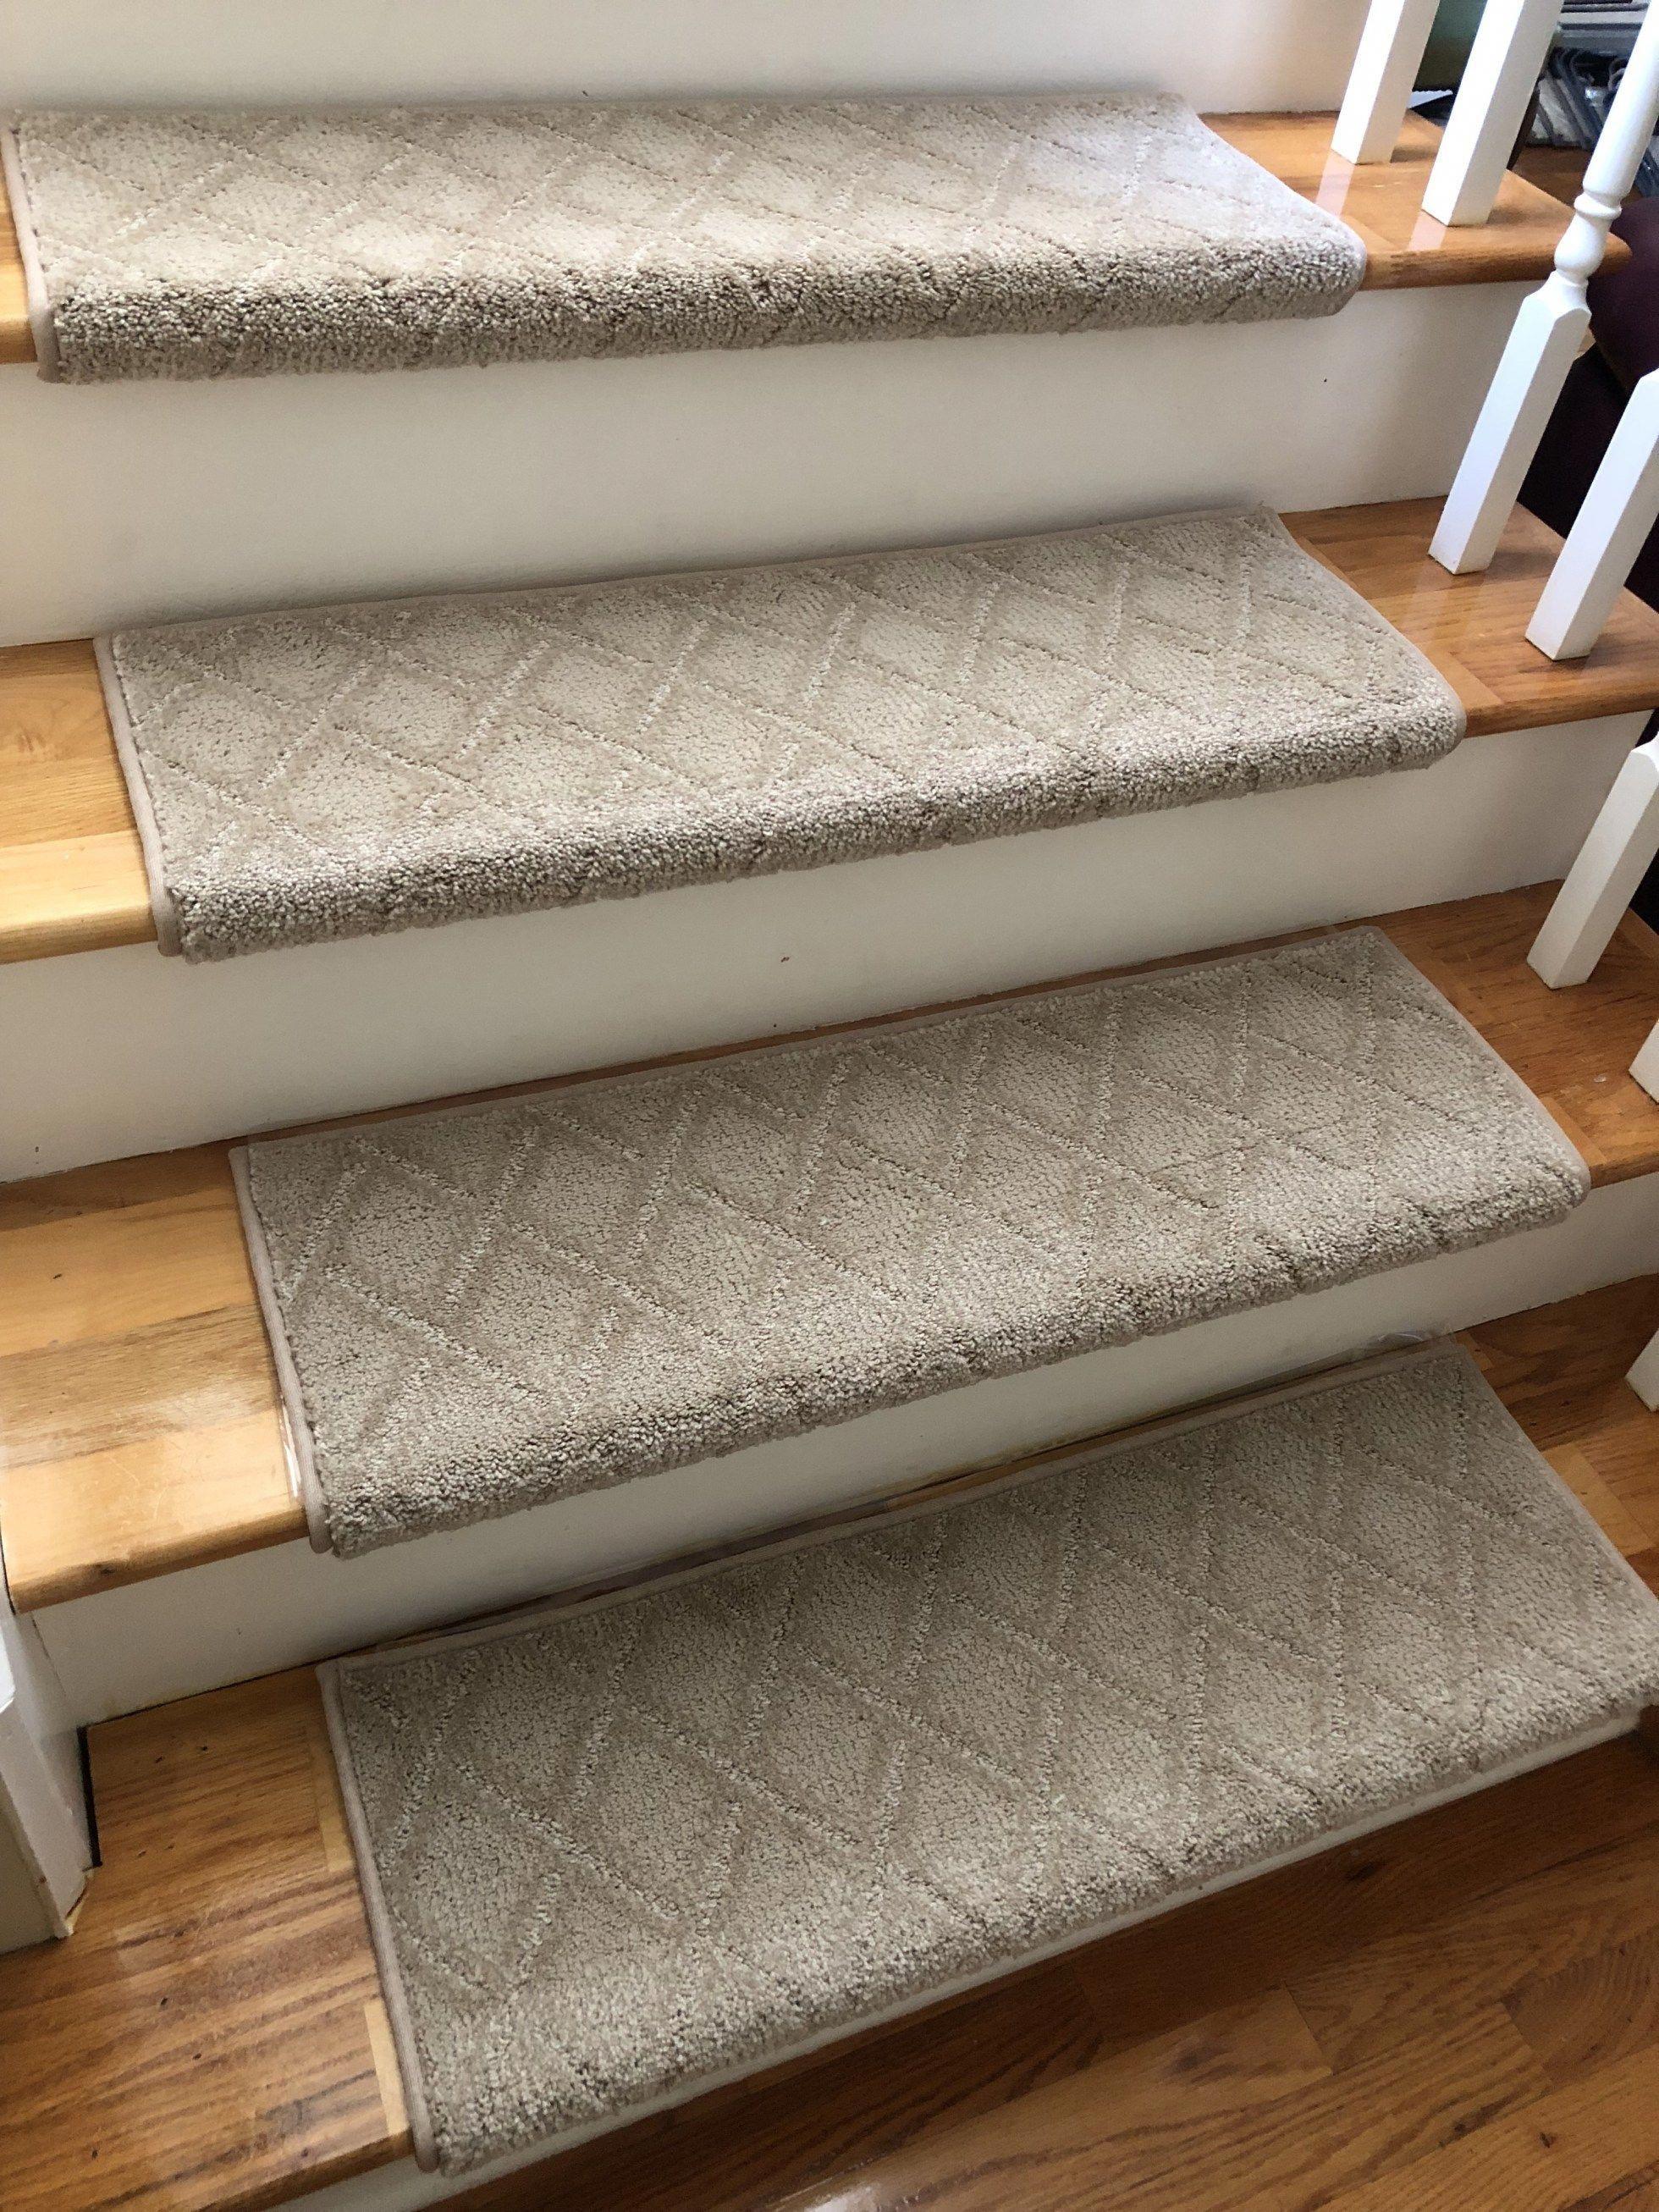 Second Hand Red Carpet Runner Kitchencarpetrunnersnonslip Carpet Stair Treads Stair Treads Stair Runner Carpet